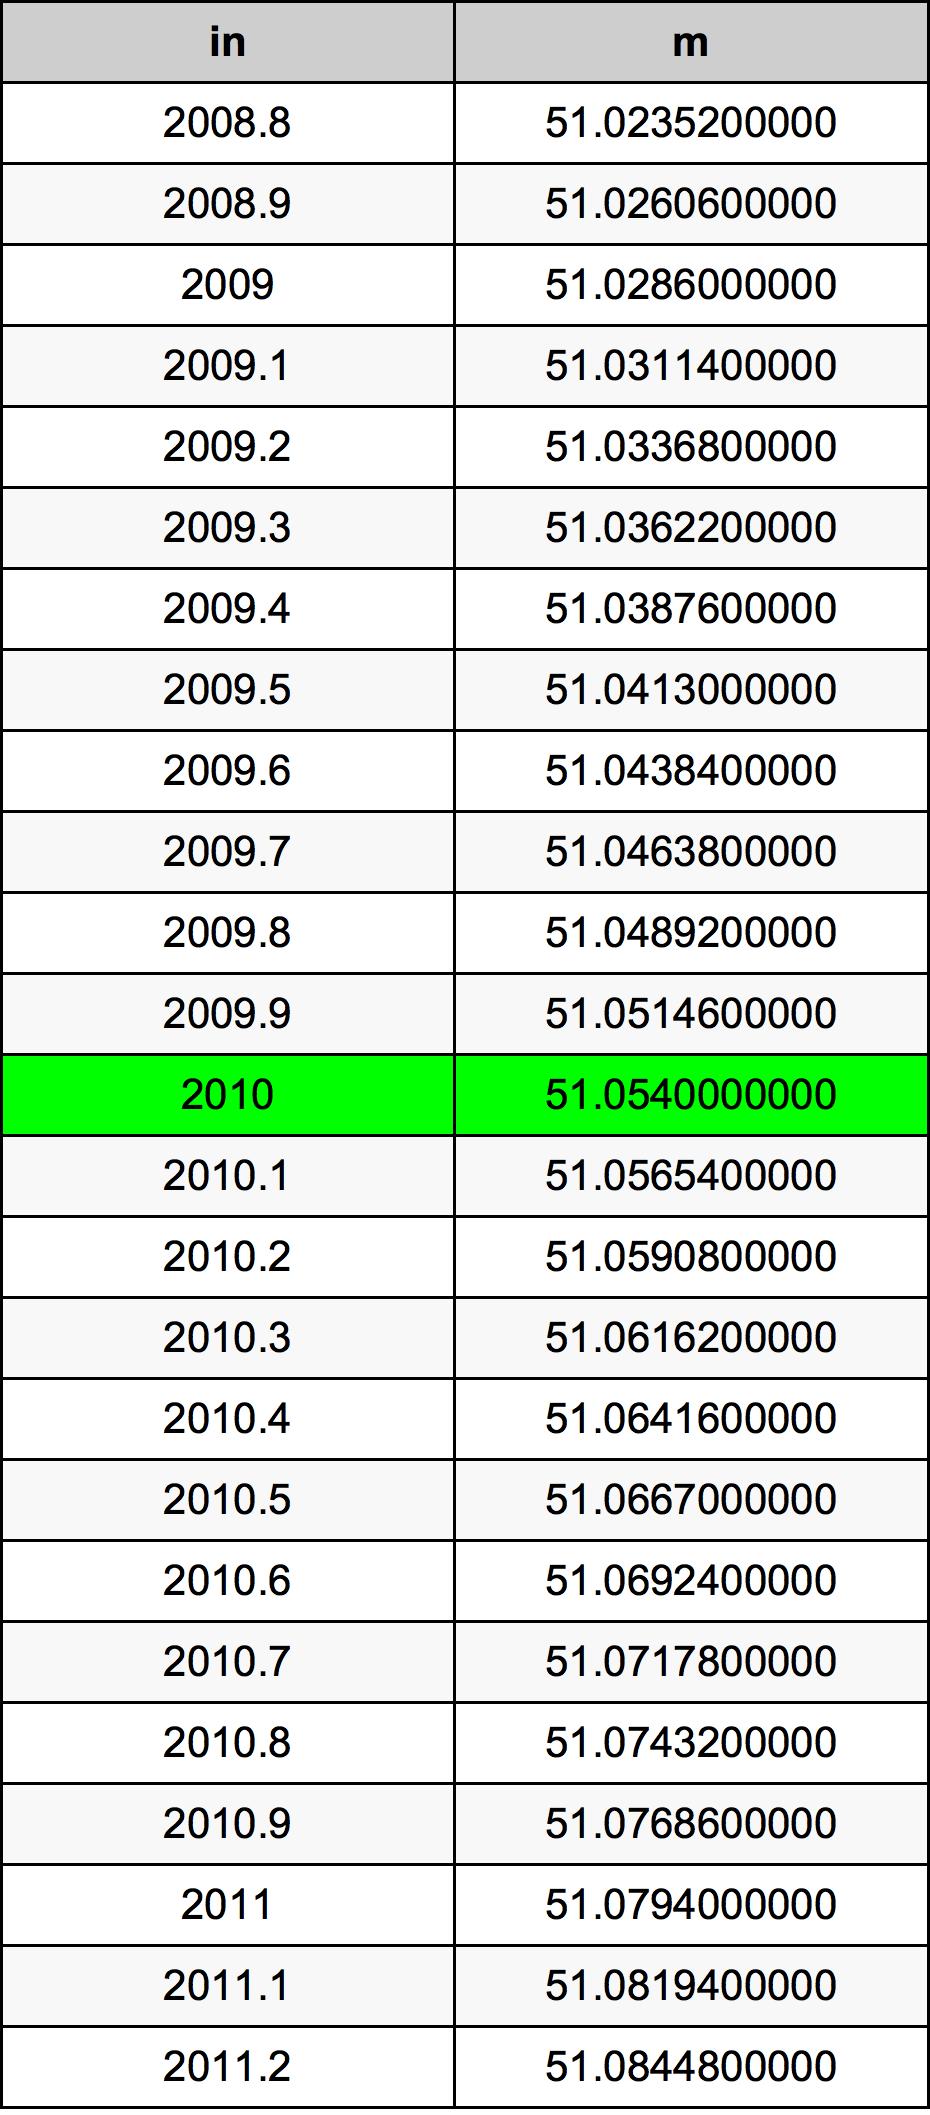 2010 ઇંચ રૂપાંતર કોષ્ટક